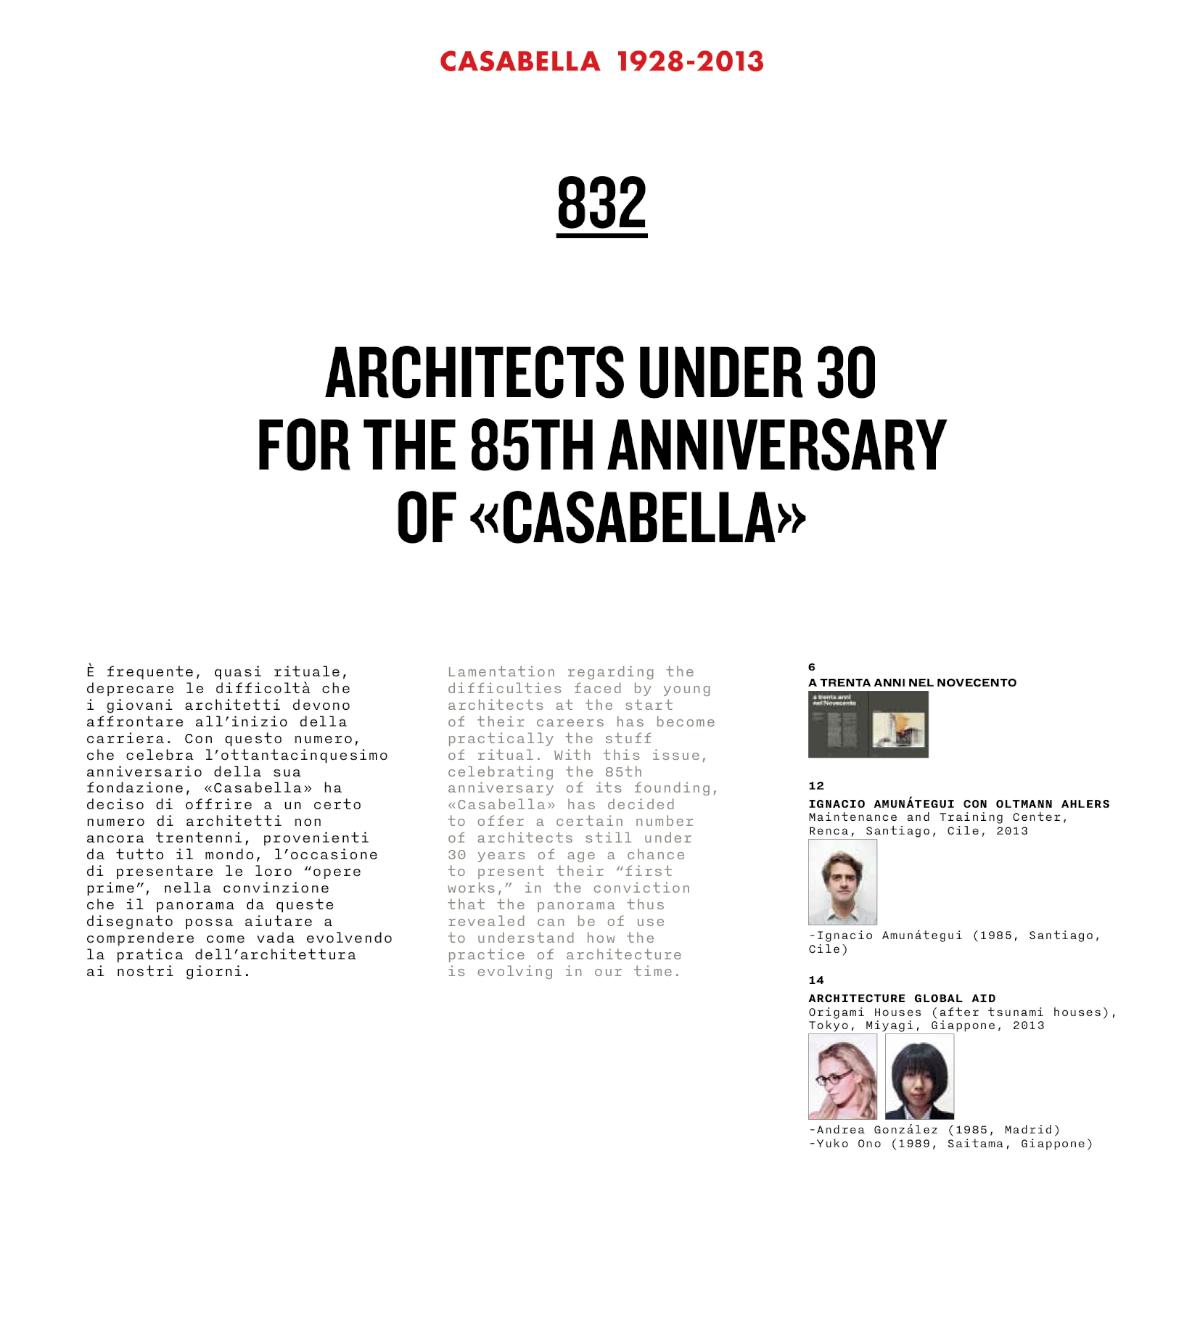 Architects under 30